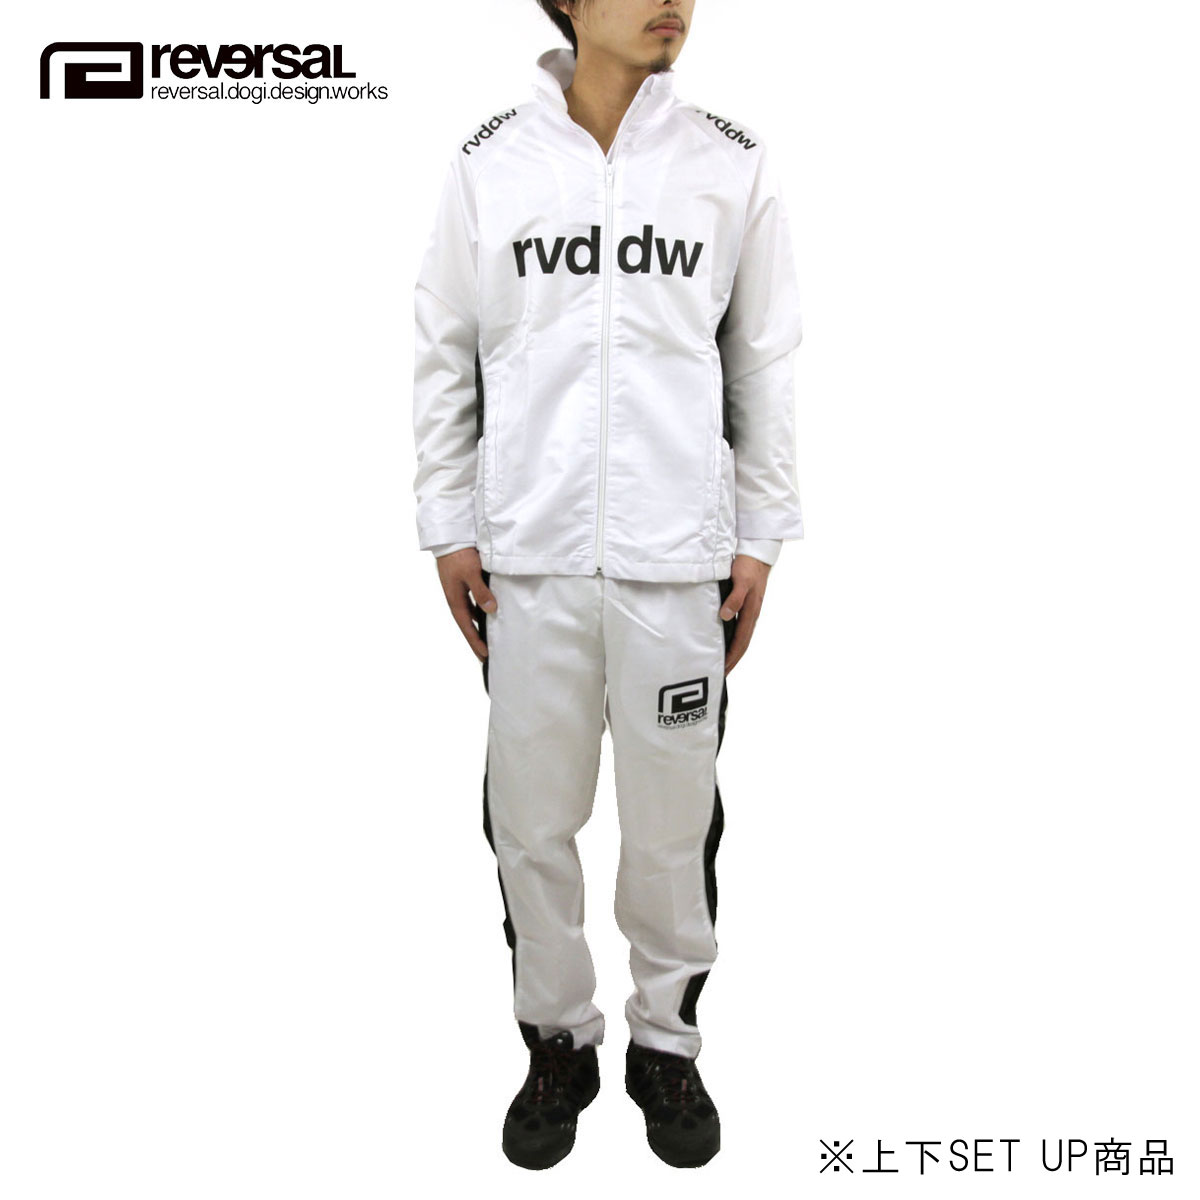 リバーサル REVERSAL 正規販売店 メンズ ジャージー セット SIDE PIPING LINE WINDBREAKER rvat14aw025 ATHLETIC